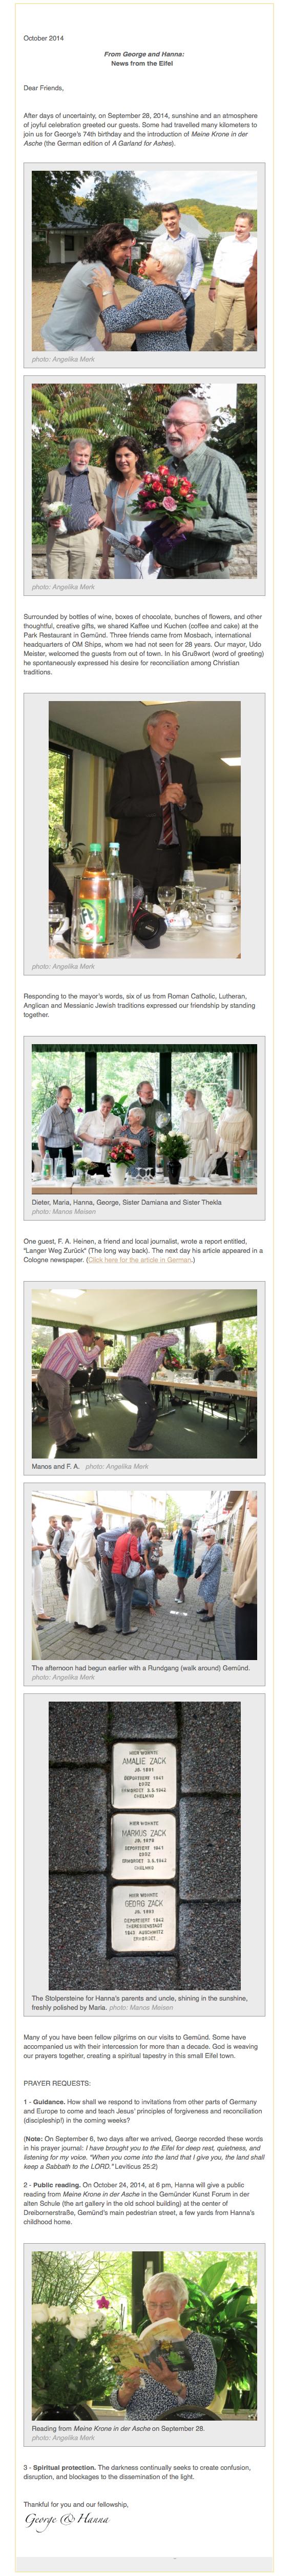 October 2014 email update for website